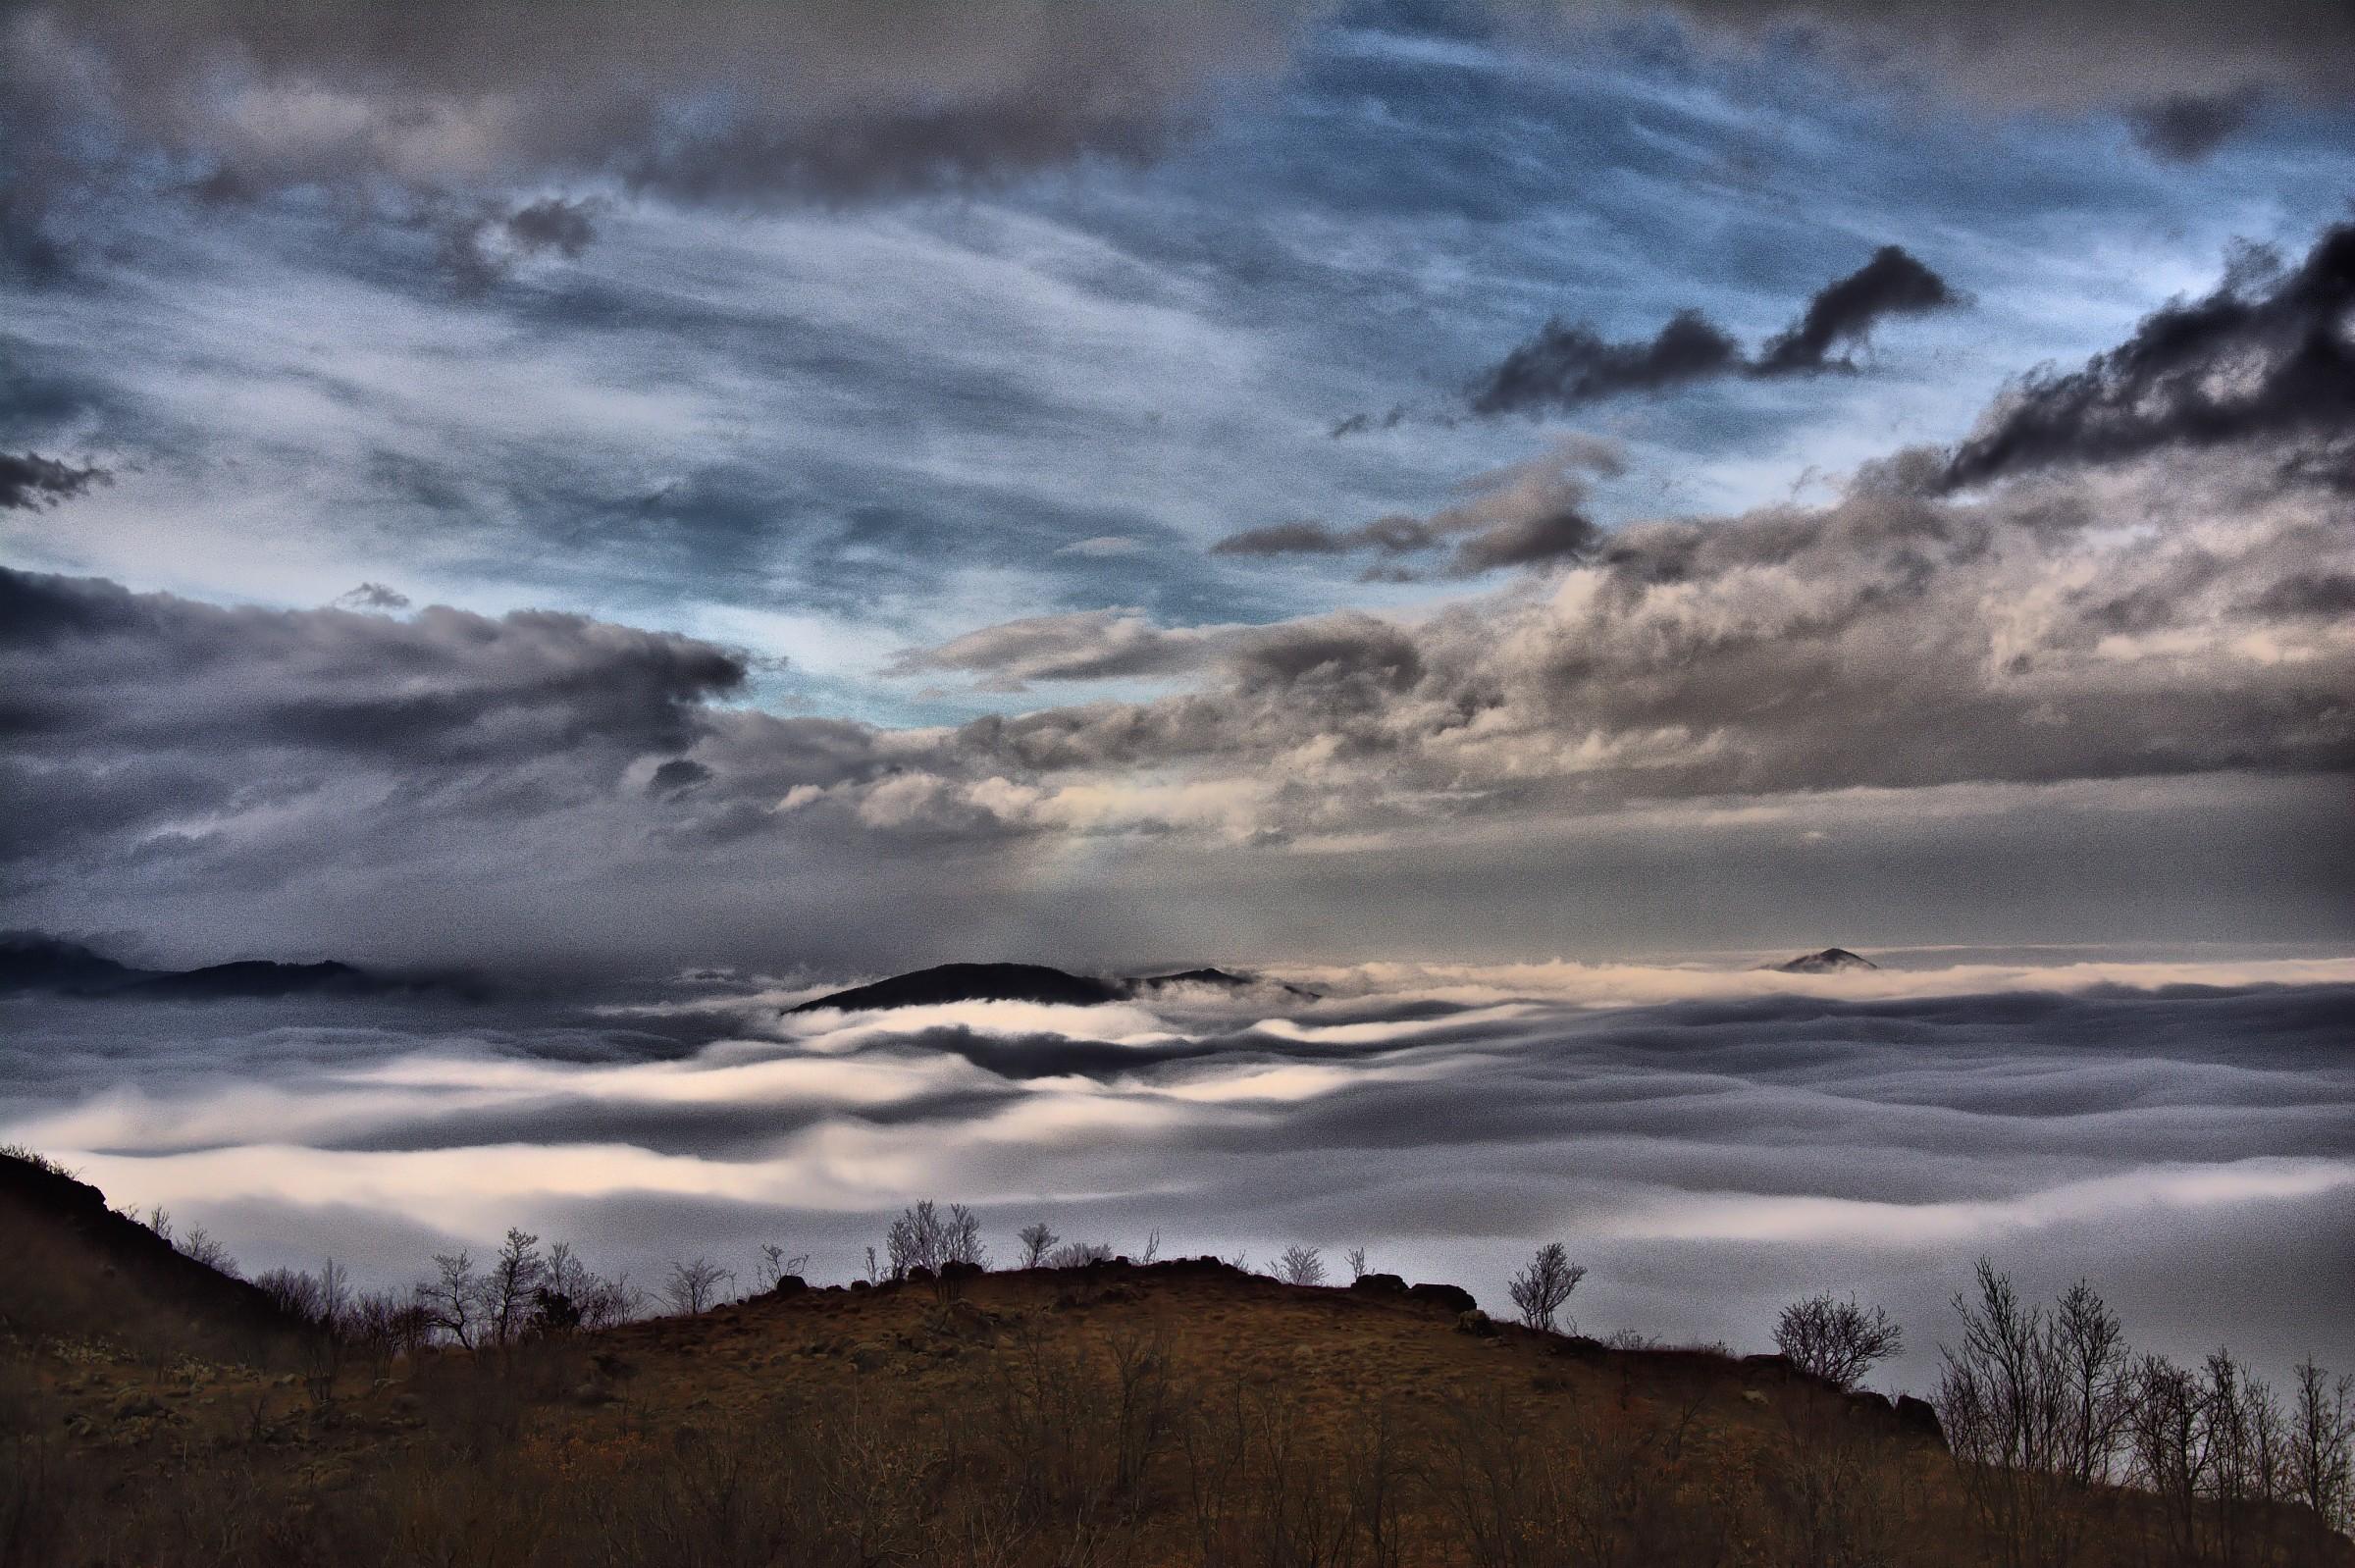 Sospeso tra nebbia e nuvole...